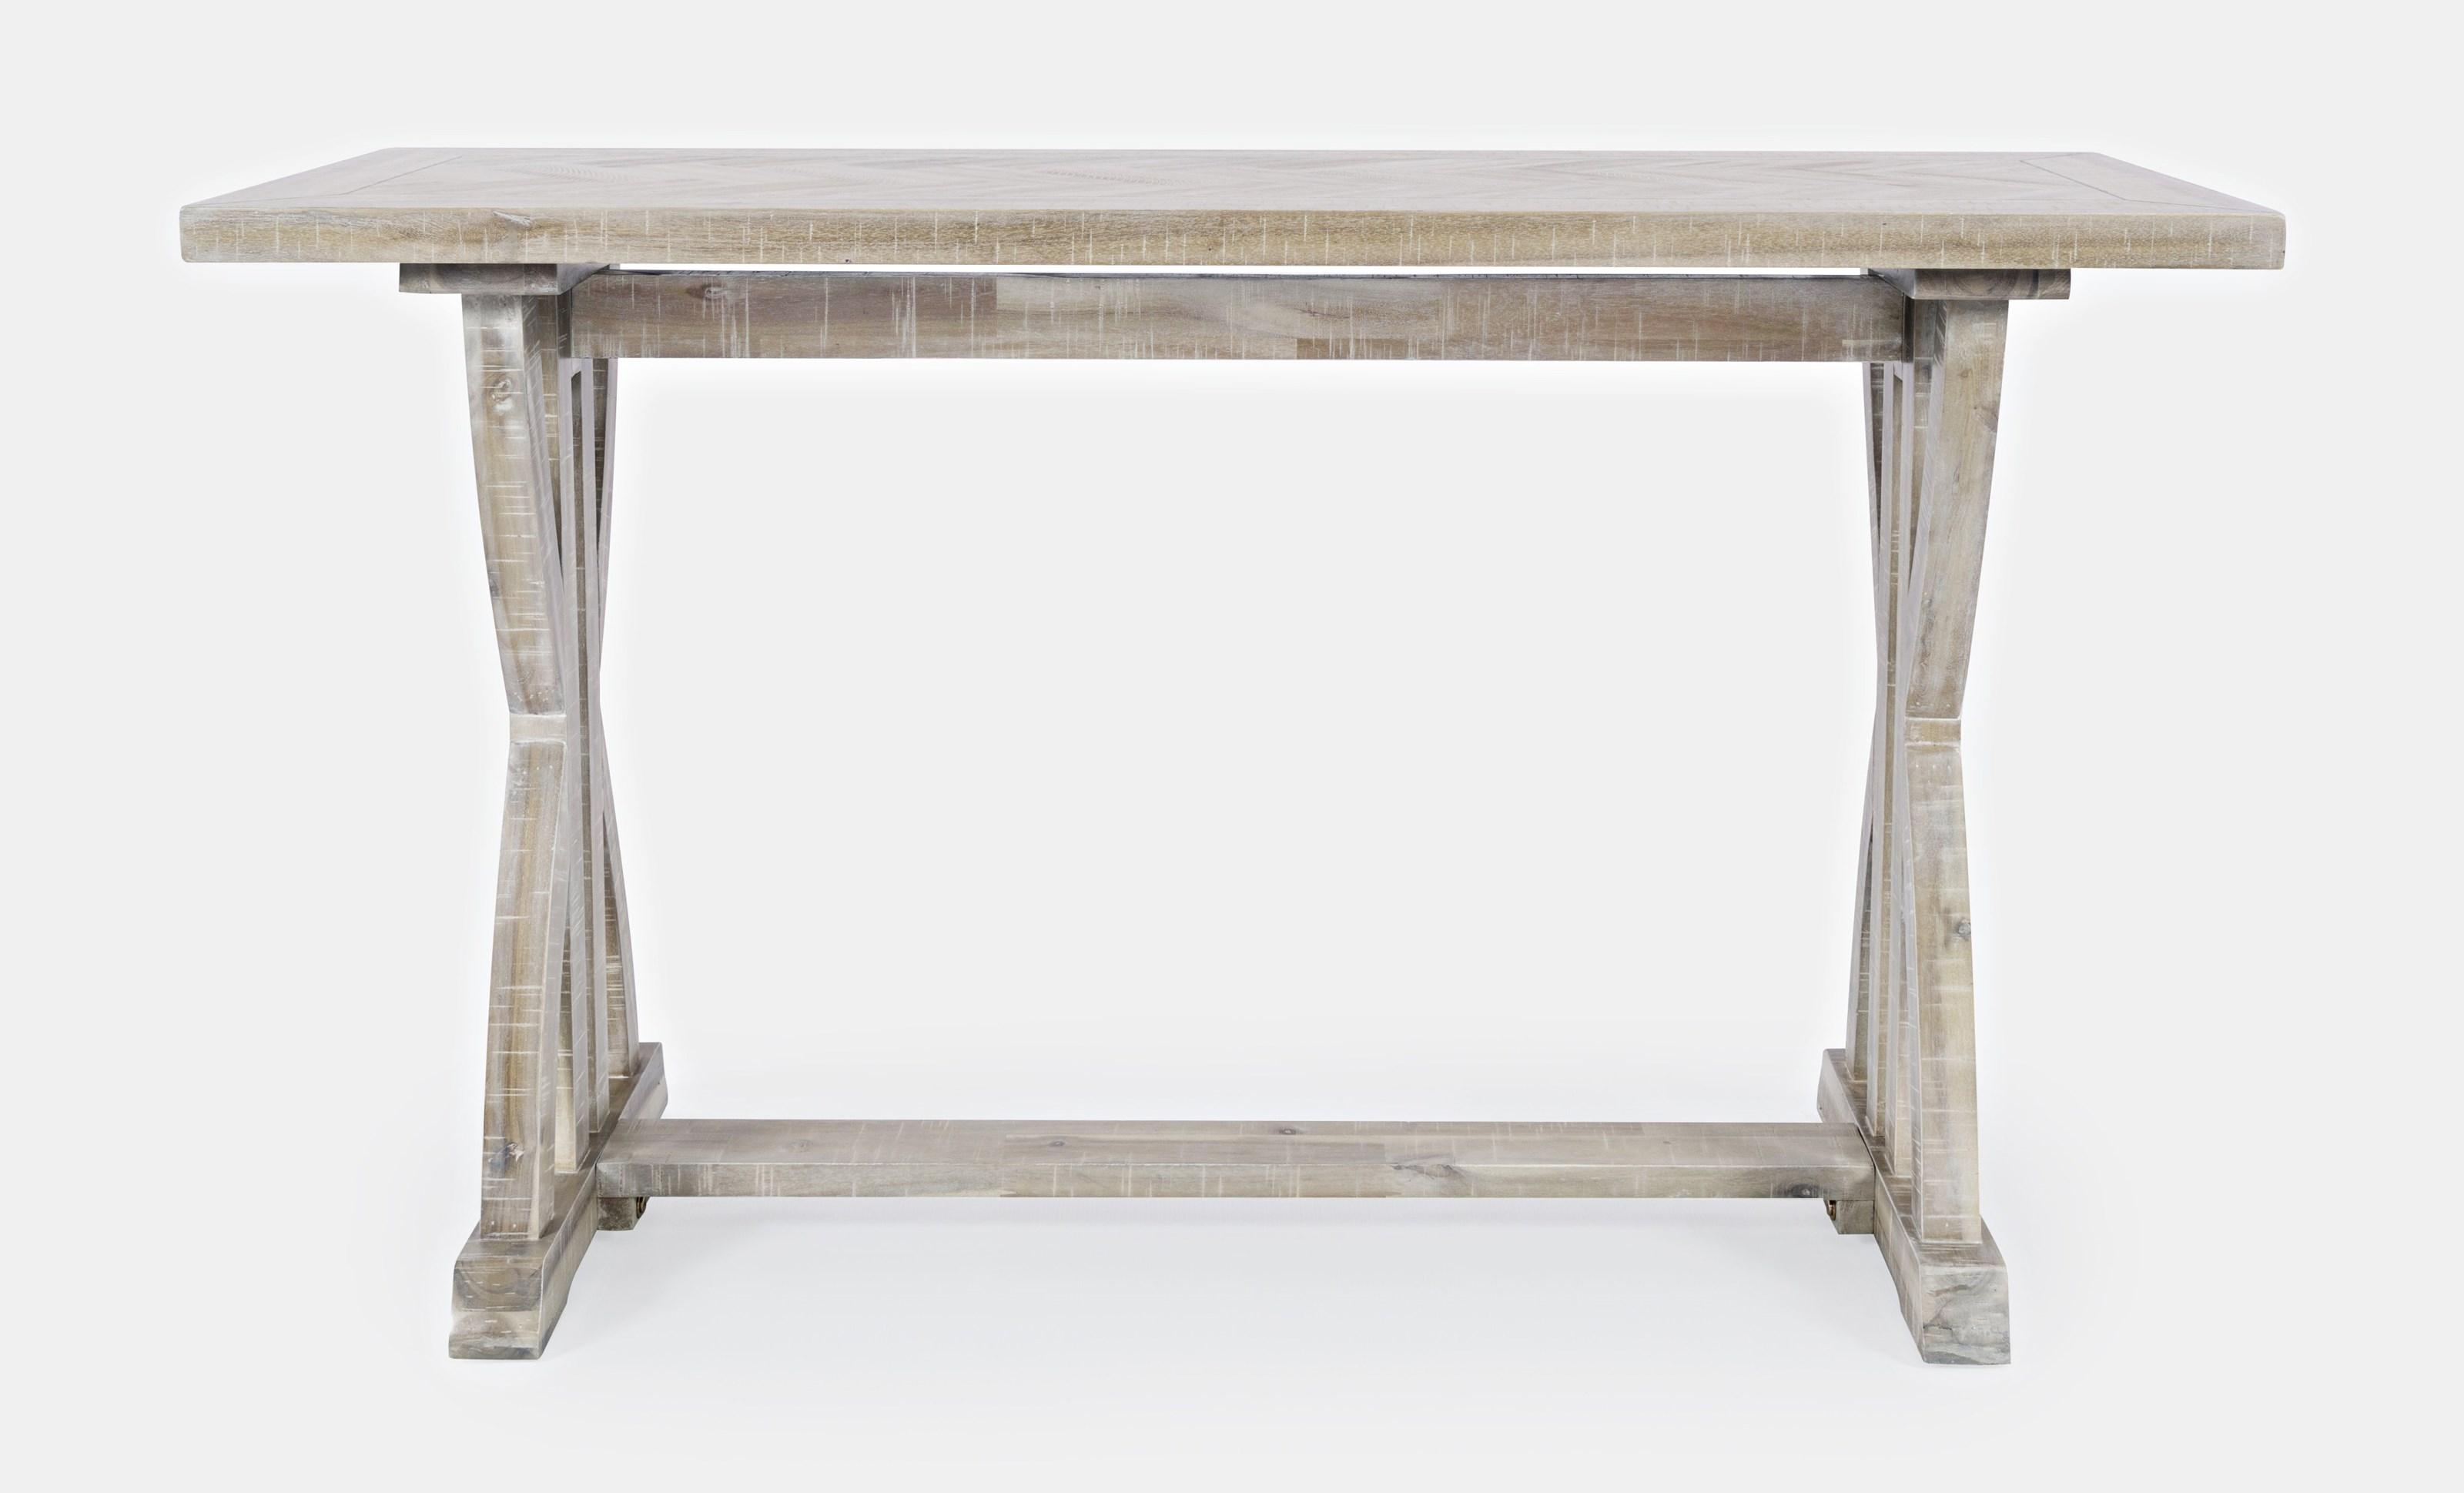 Fairview Sofa Table by Jofran at Jofran